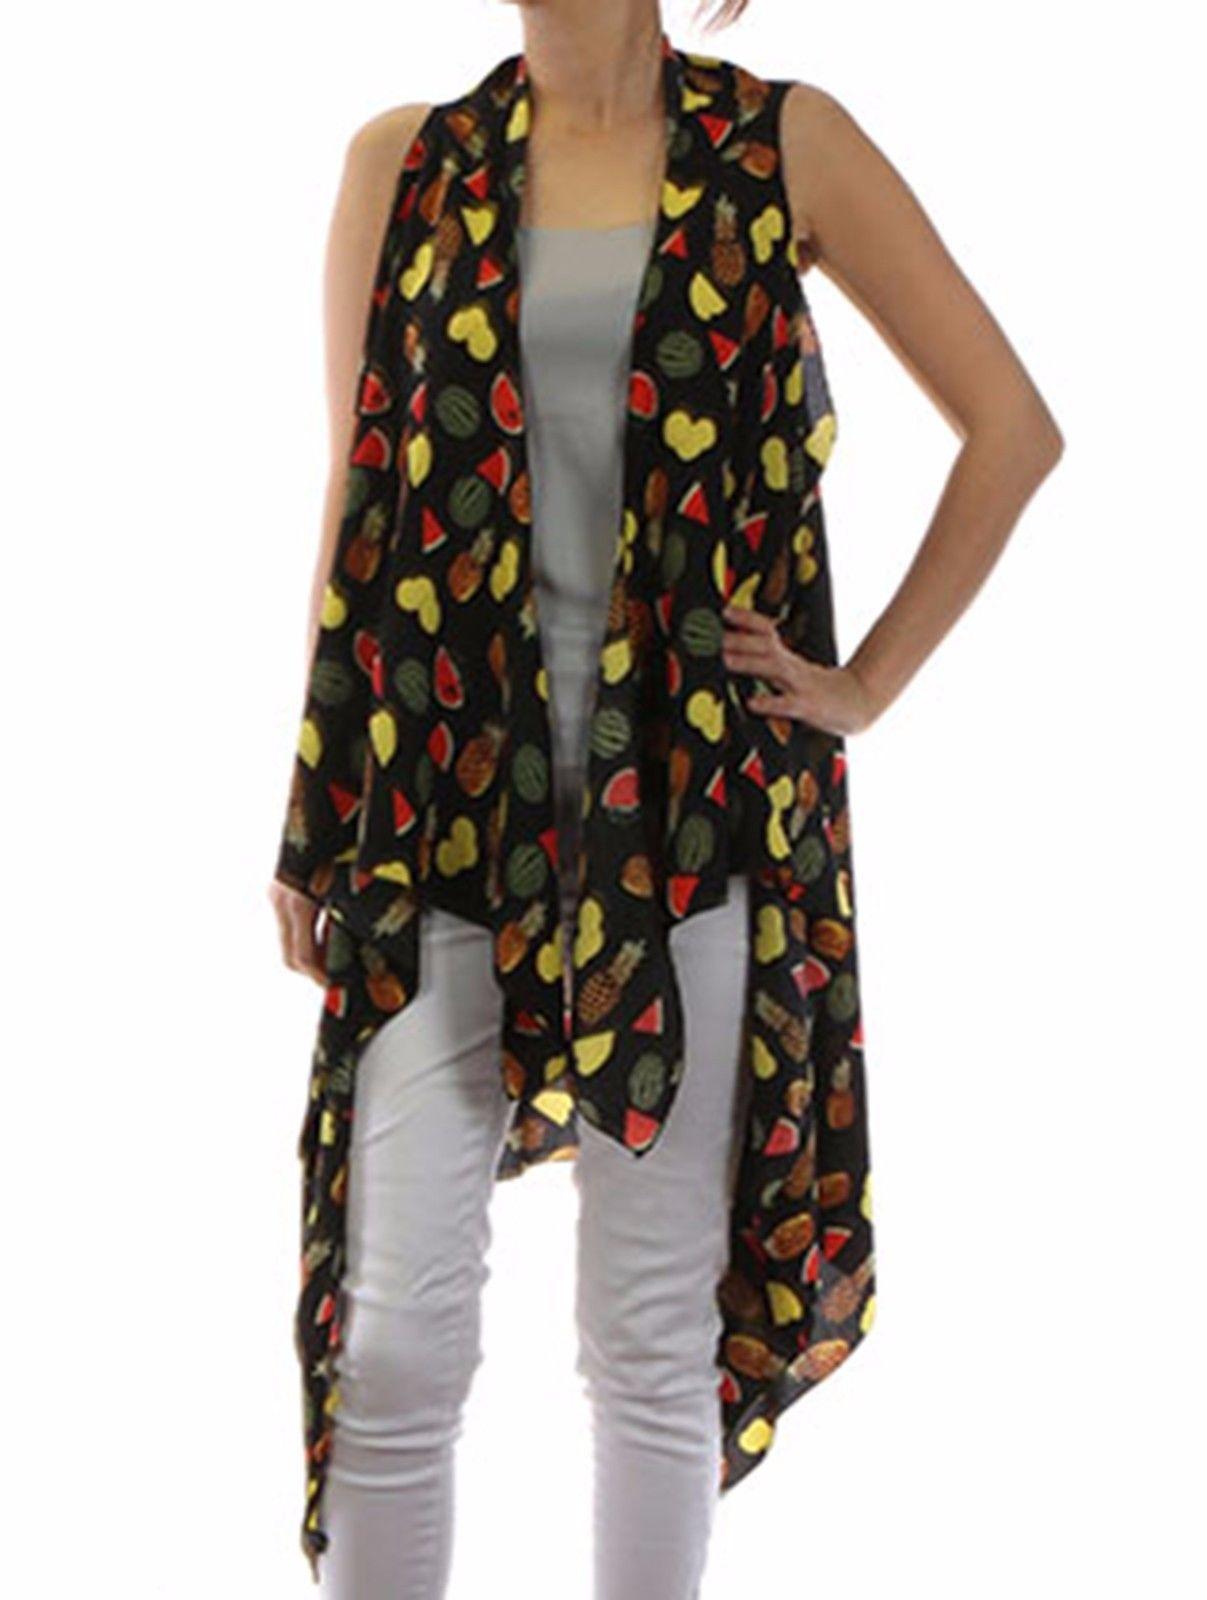 Tropical Fruit Print Cover Up Vest Beach Swim Suit Wrap Black / Pineapple